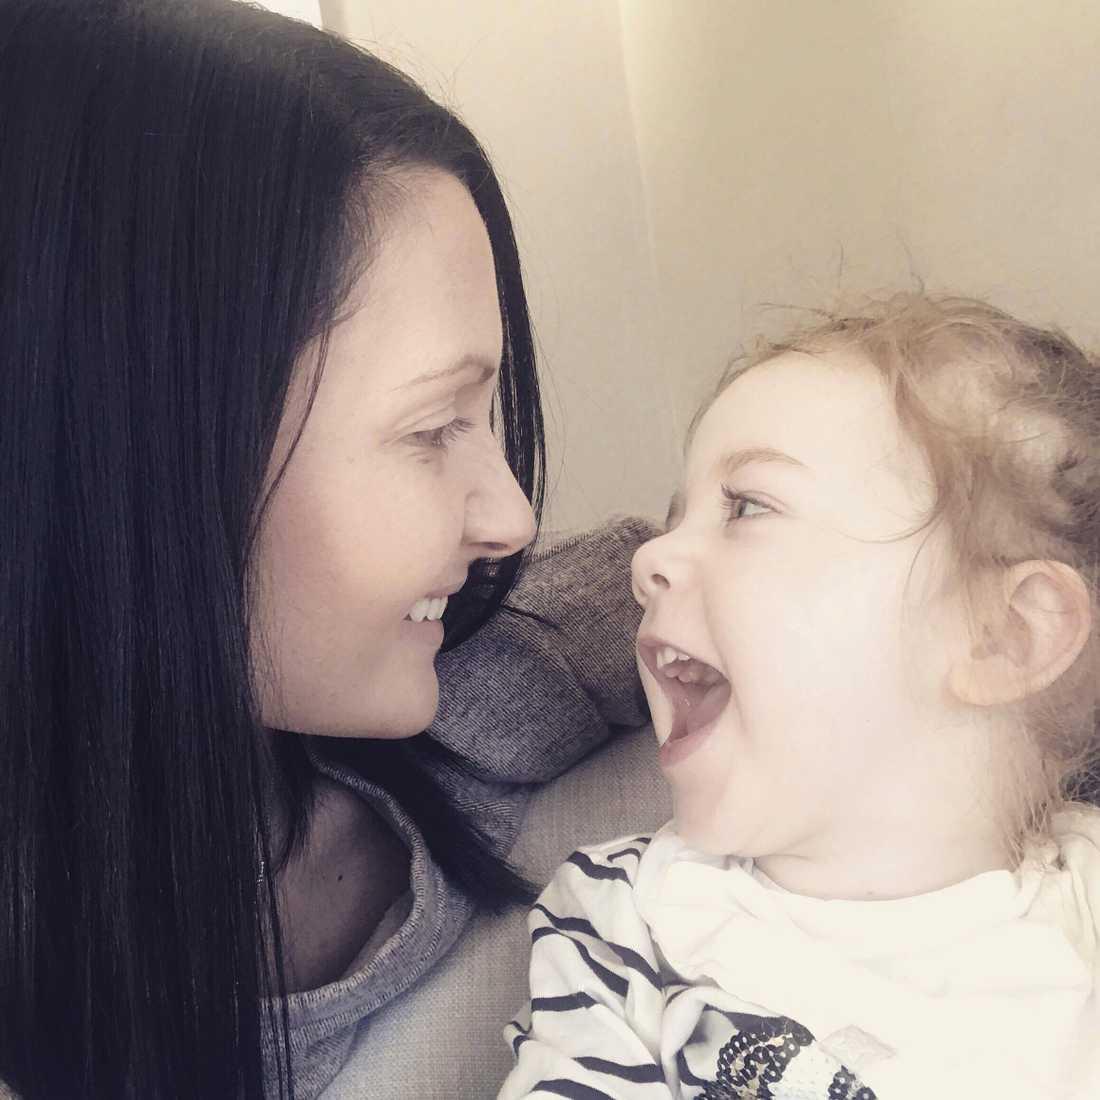 Det var i höstas som familjen fick veta att Ellie har Krabbes sjukdom som är dödlig.